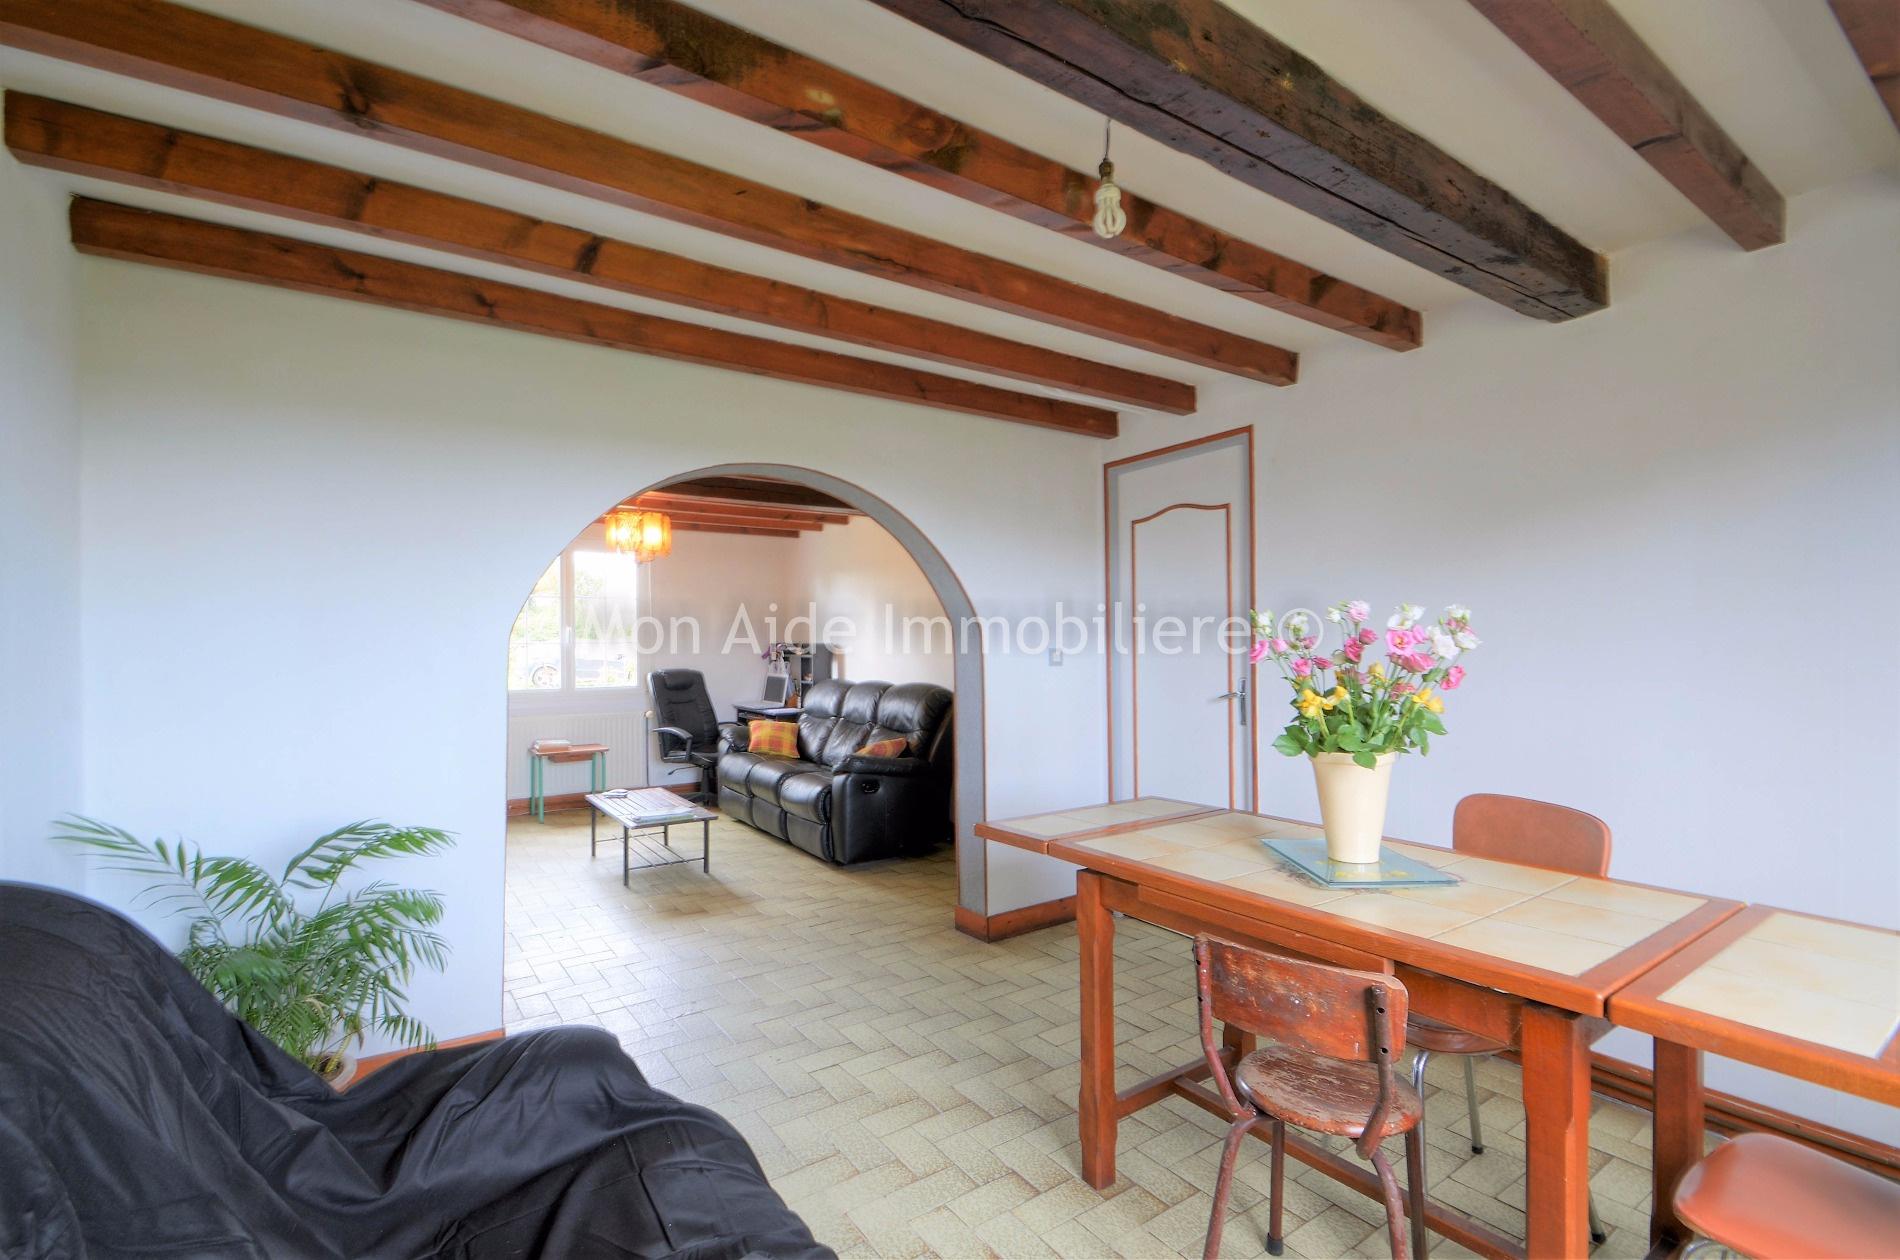 Annonce vente maison les pieux 50340 132 m 210 000 for Annonce maison particulier